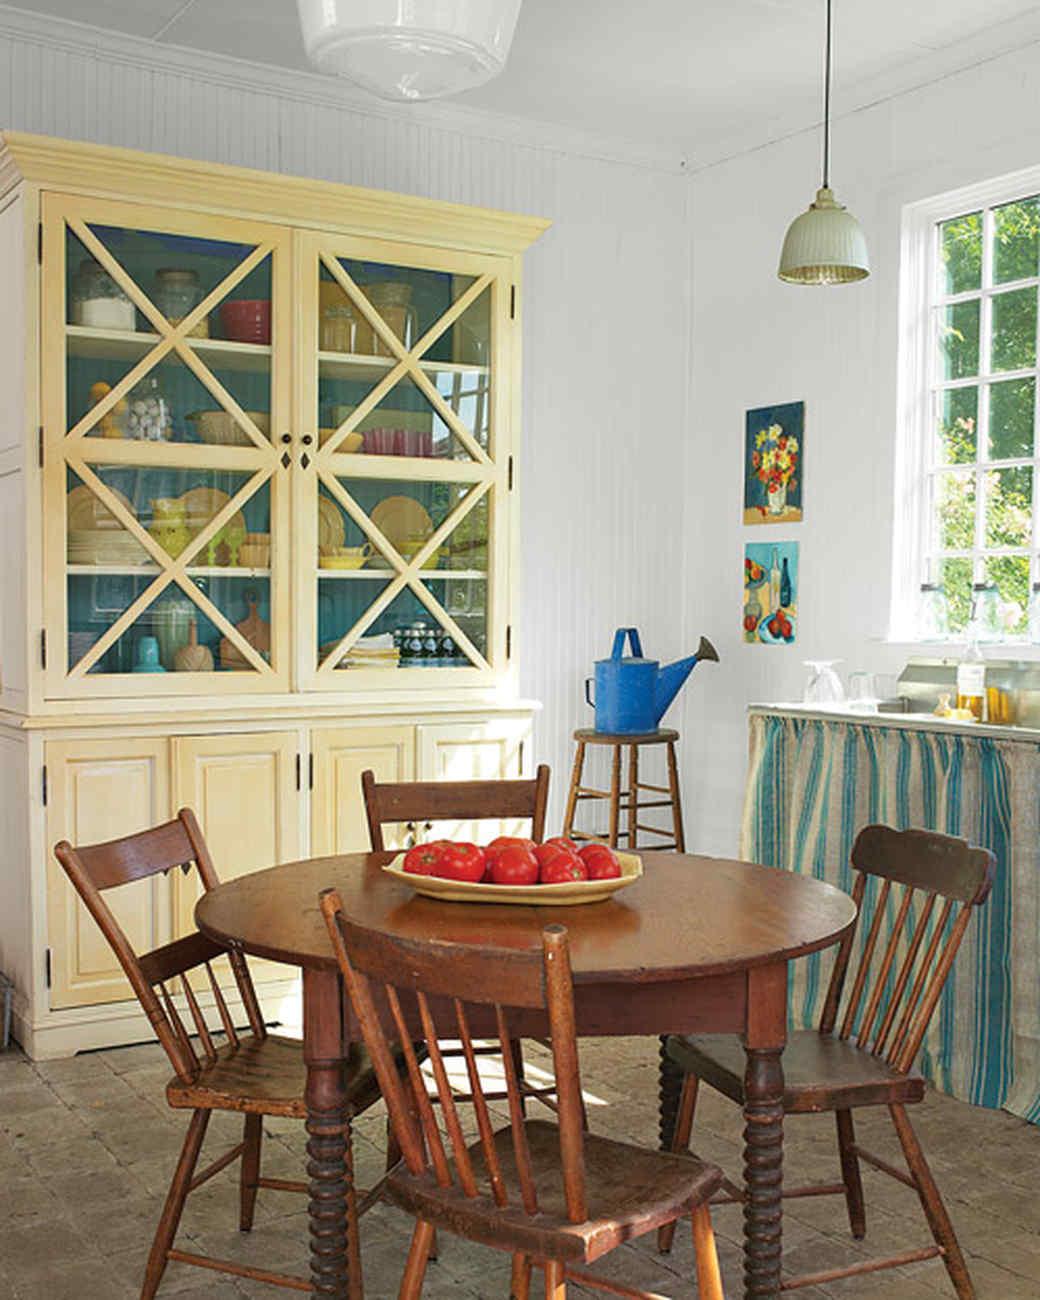 mld104429_0609_cox_kitchen.jpg